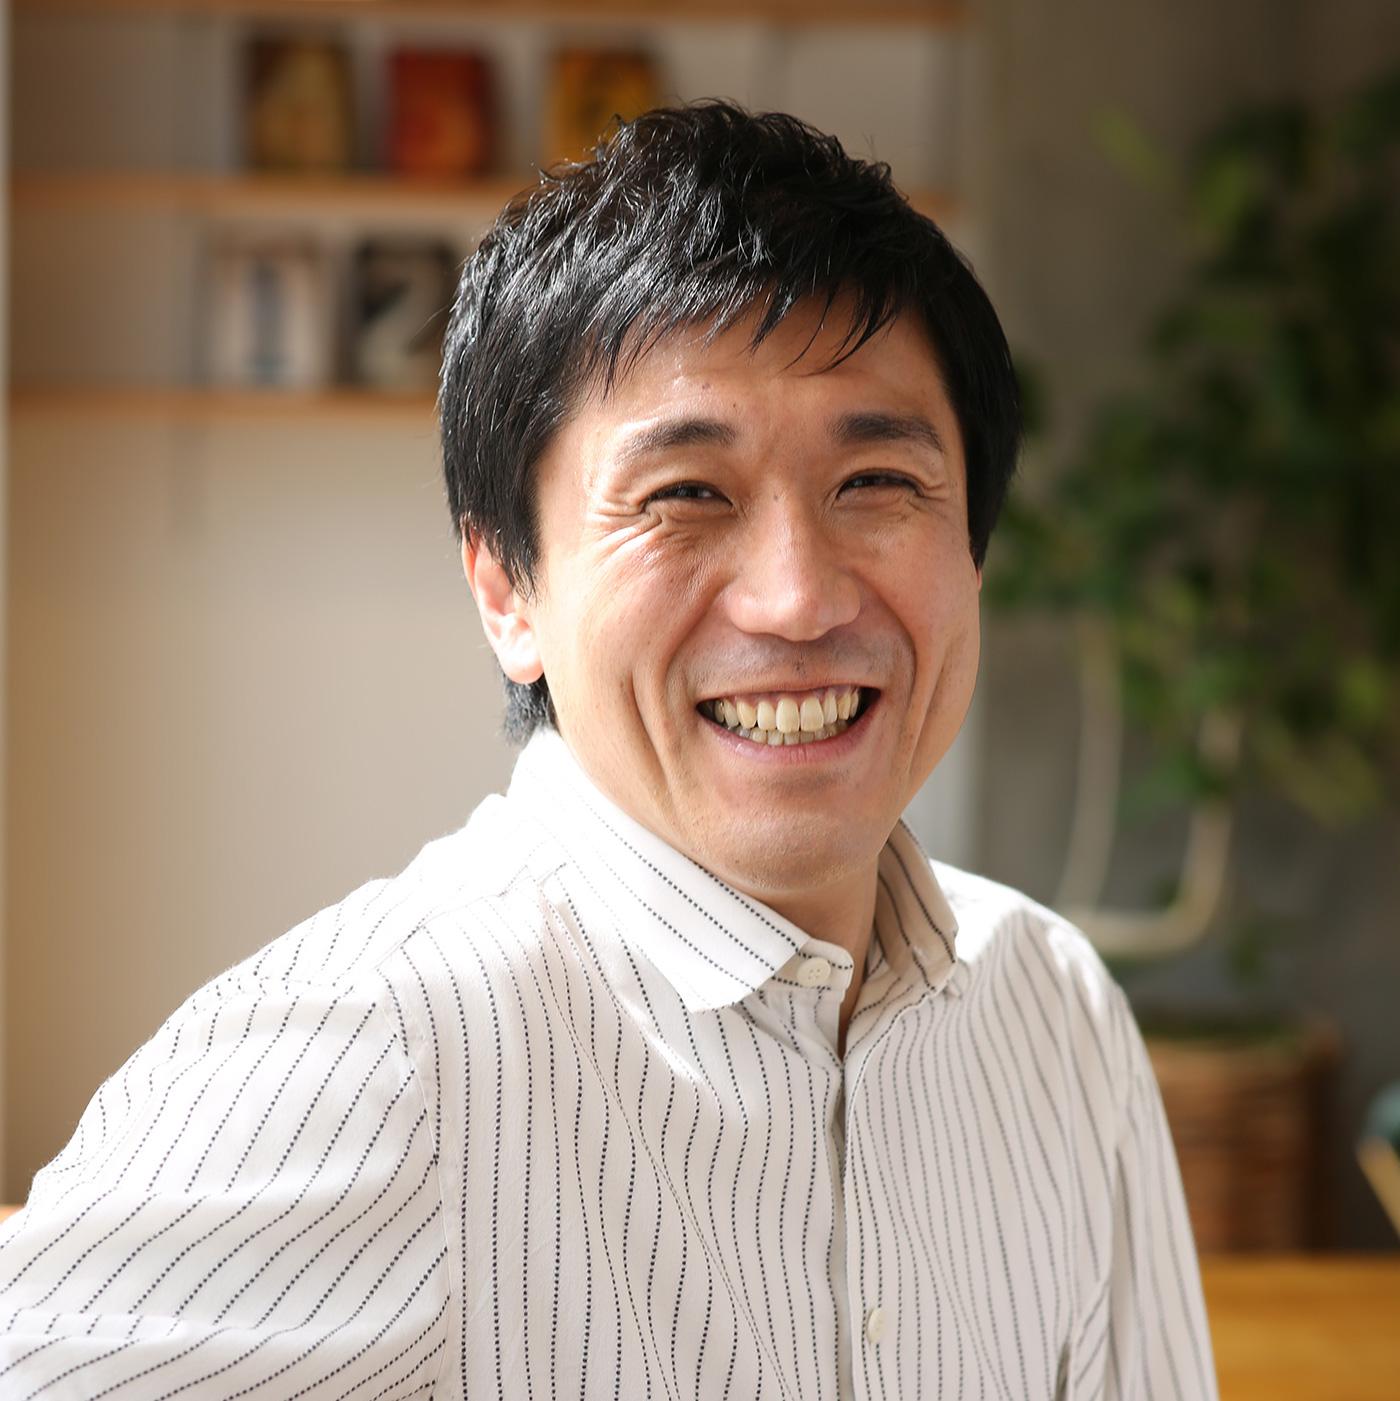 中原淳教授登壇 PHPフィードバック・カンファレンス 9/10東京開催_画像